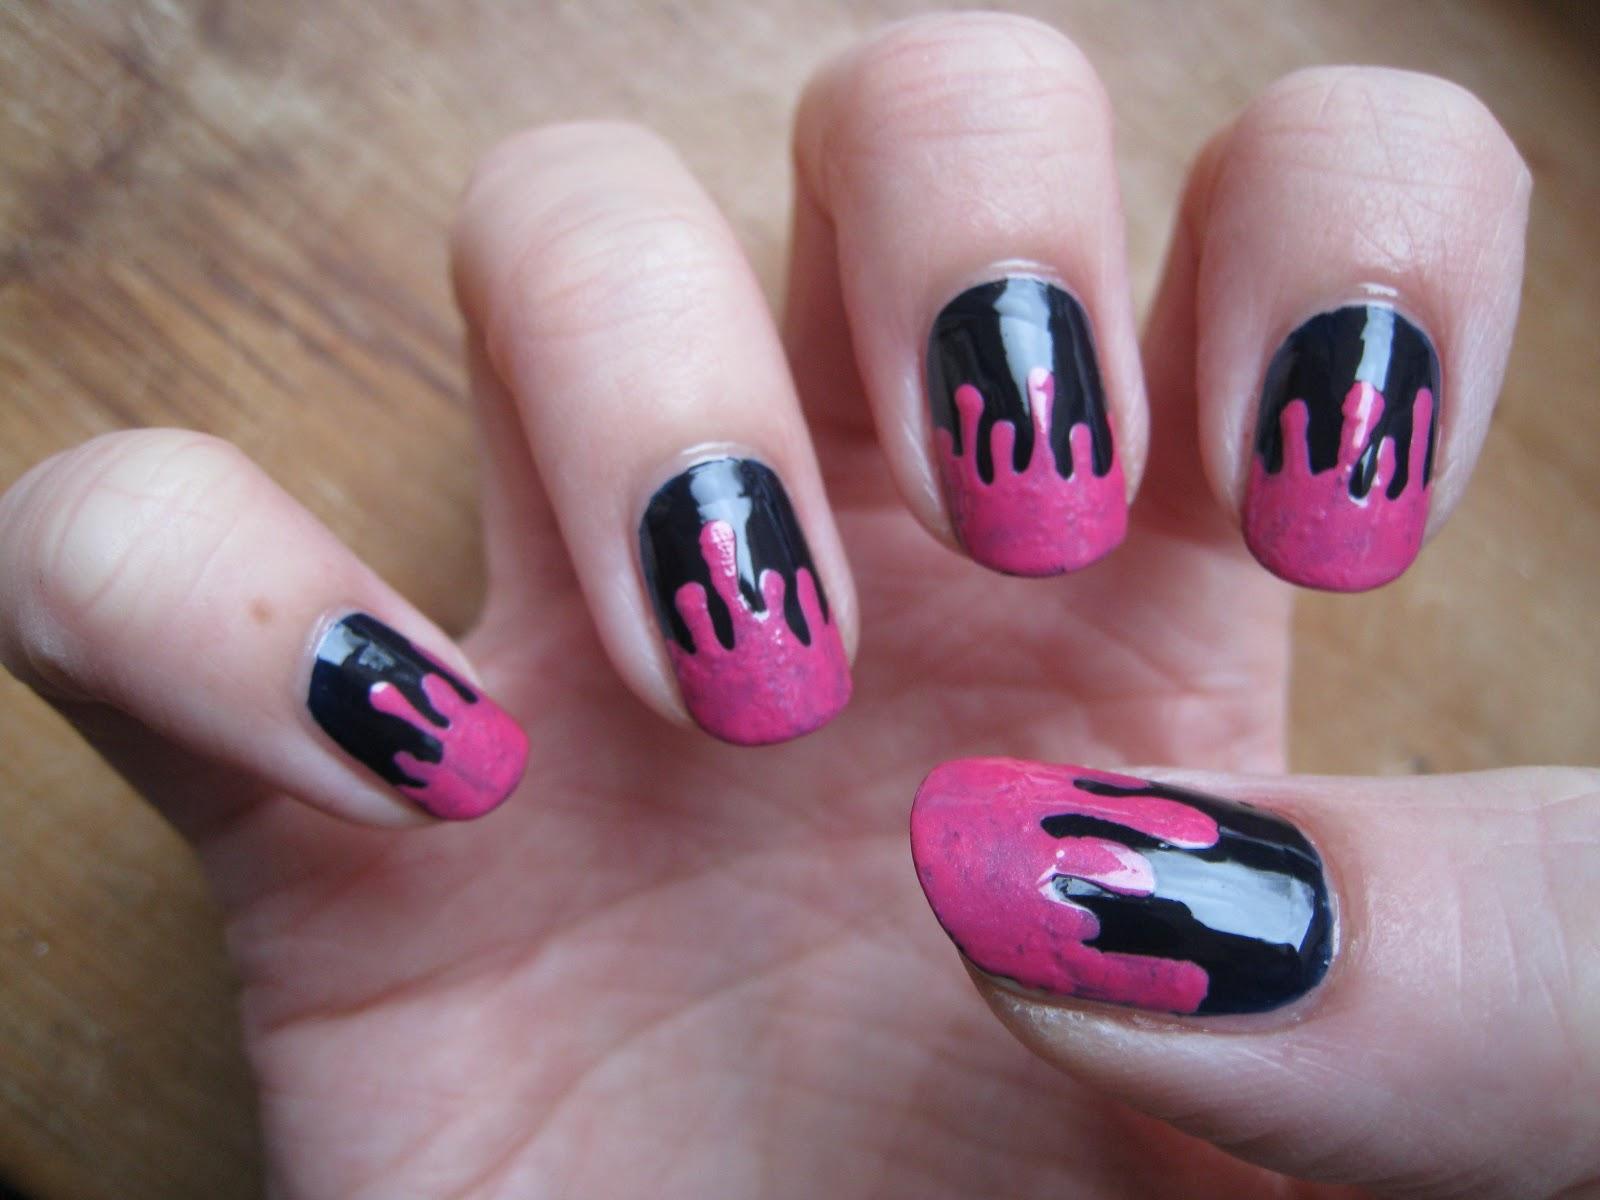 Naily perfect: Pink drippy nails